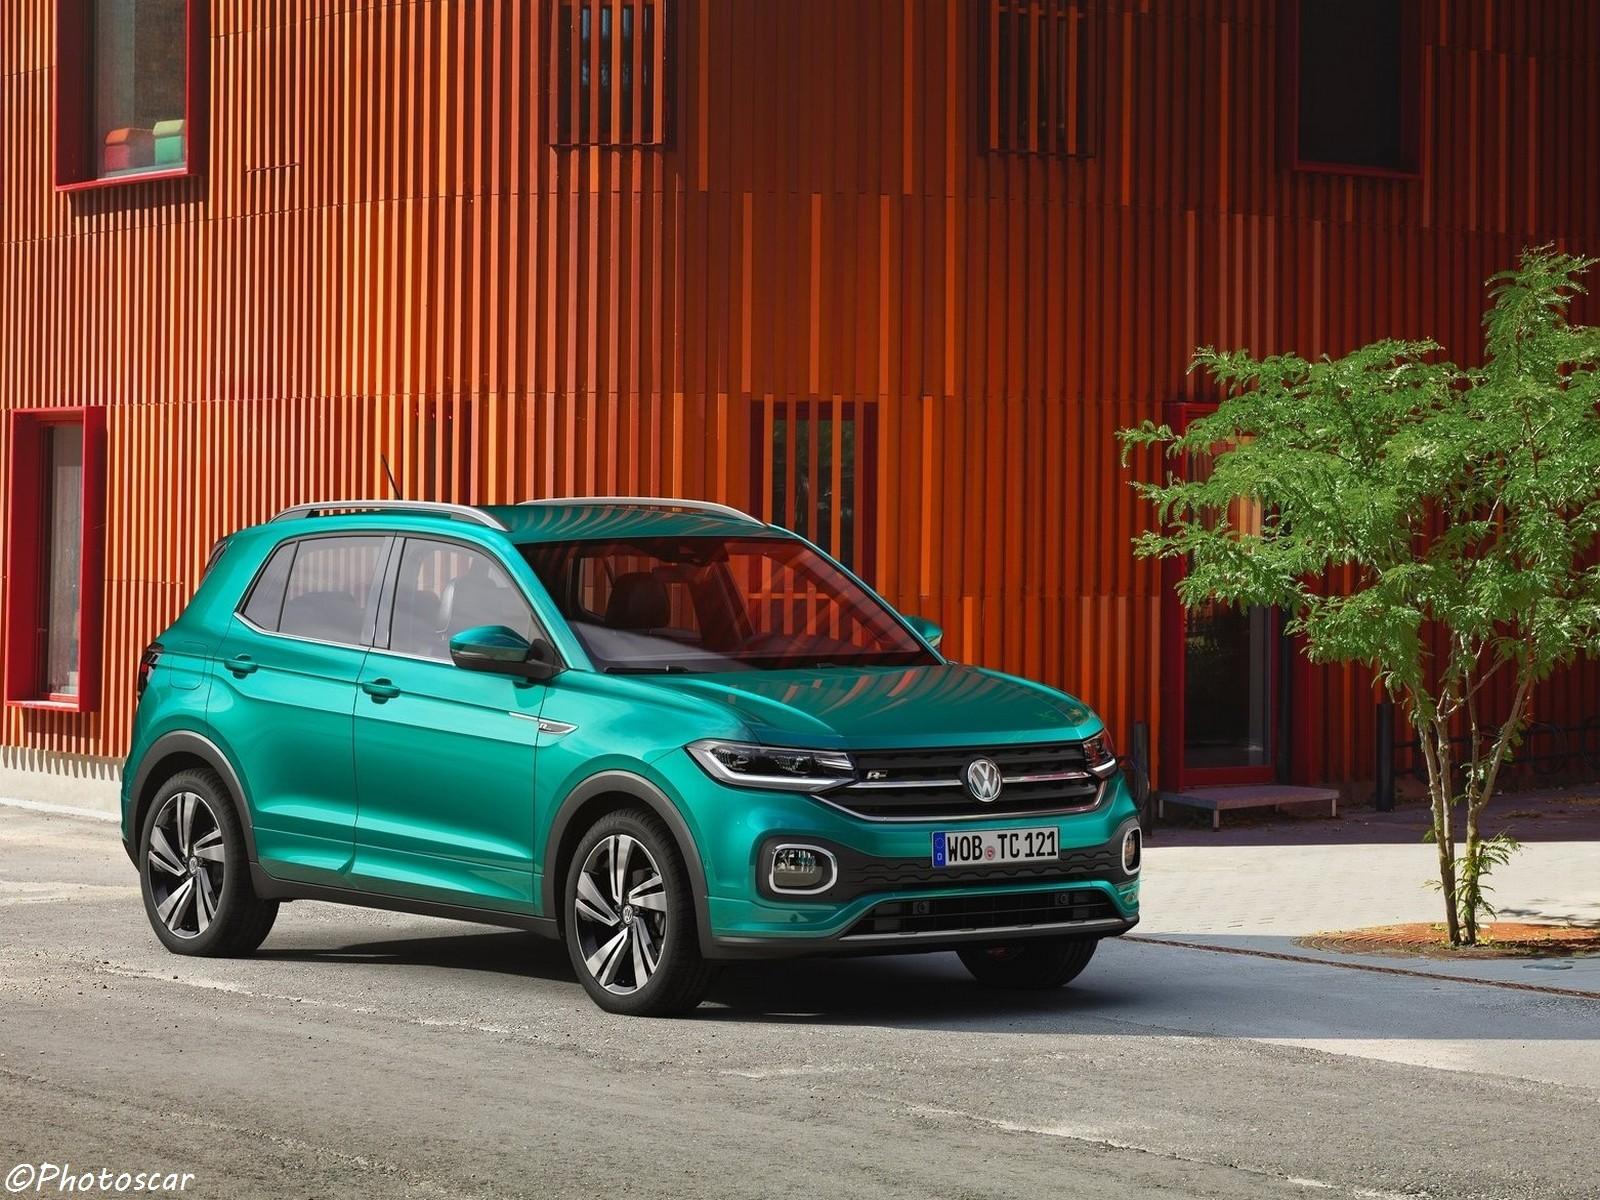 Volkswagen T-Cross 2019 - Le plus petit SUV de la gamme VW ...